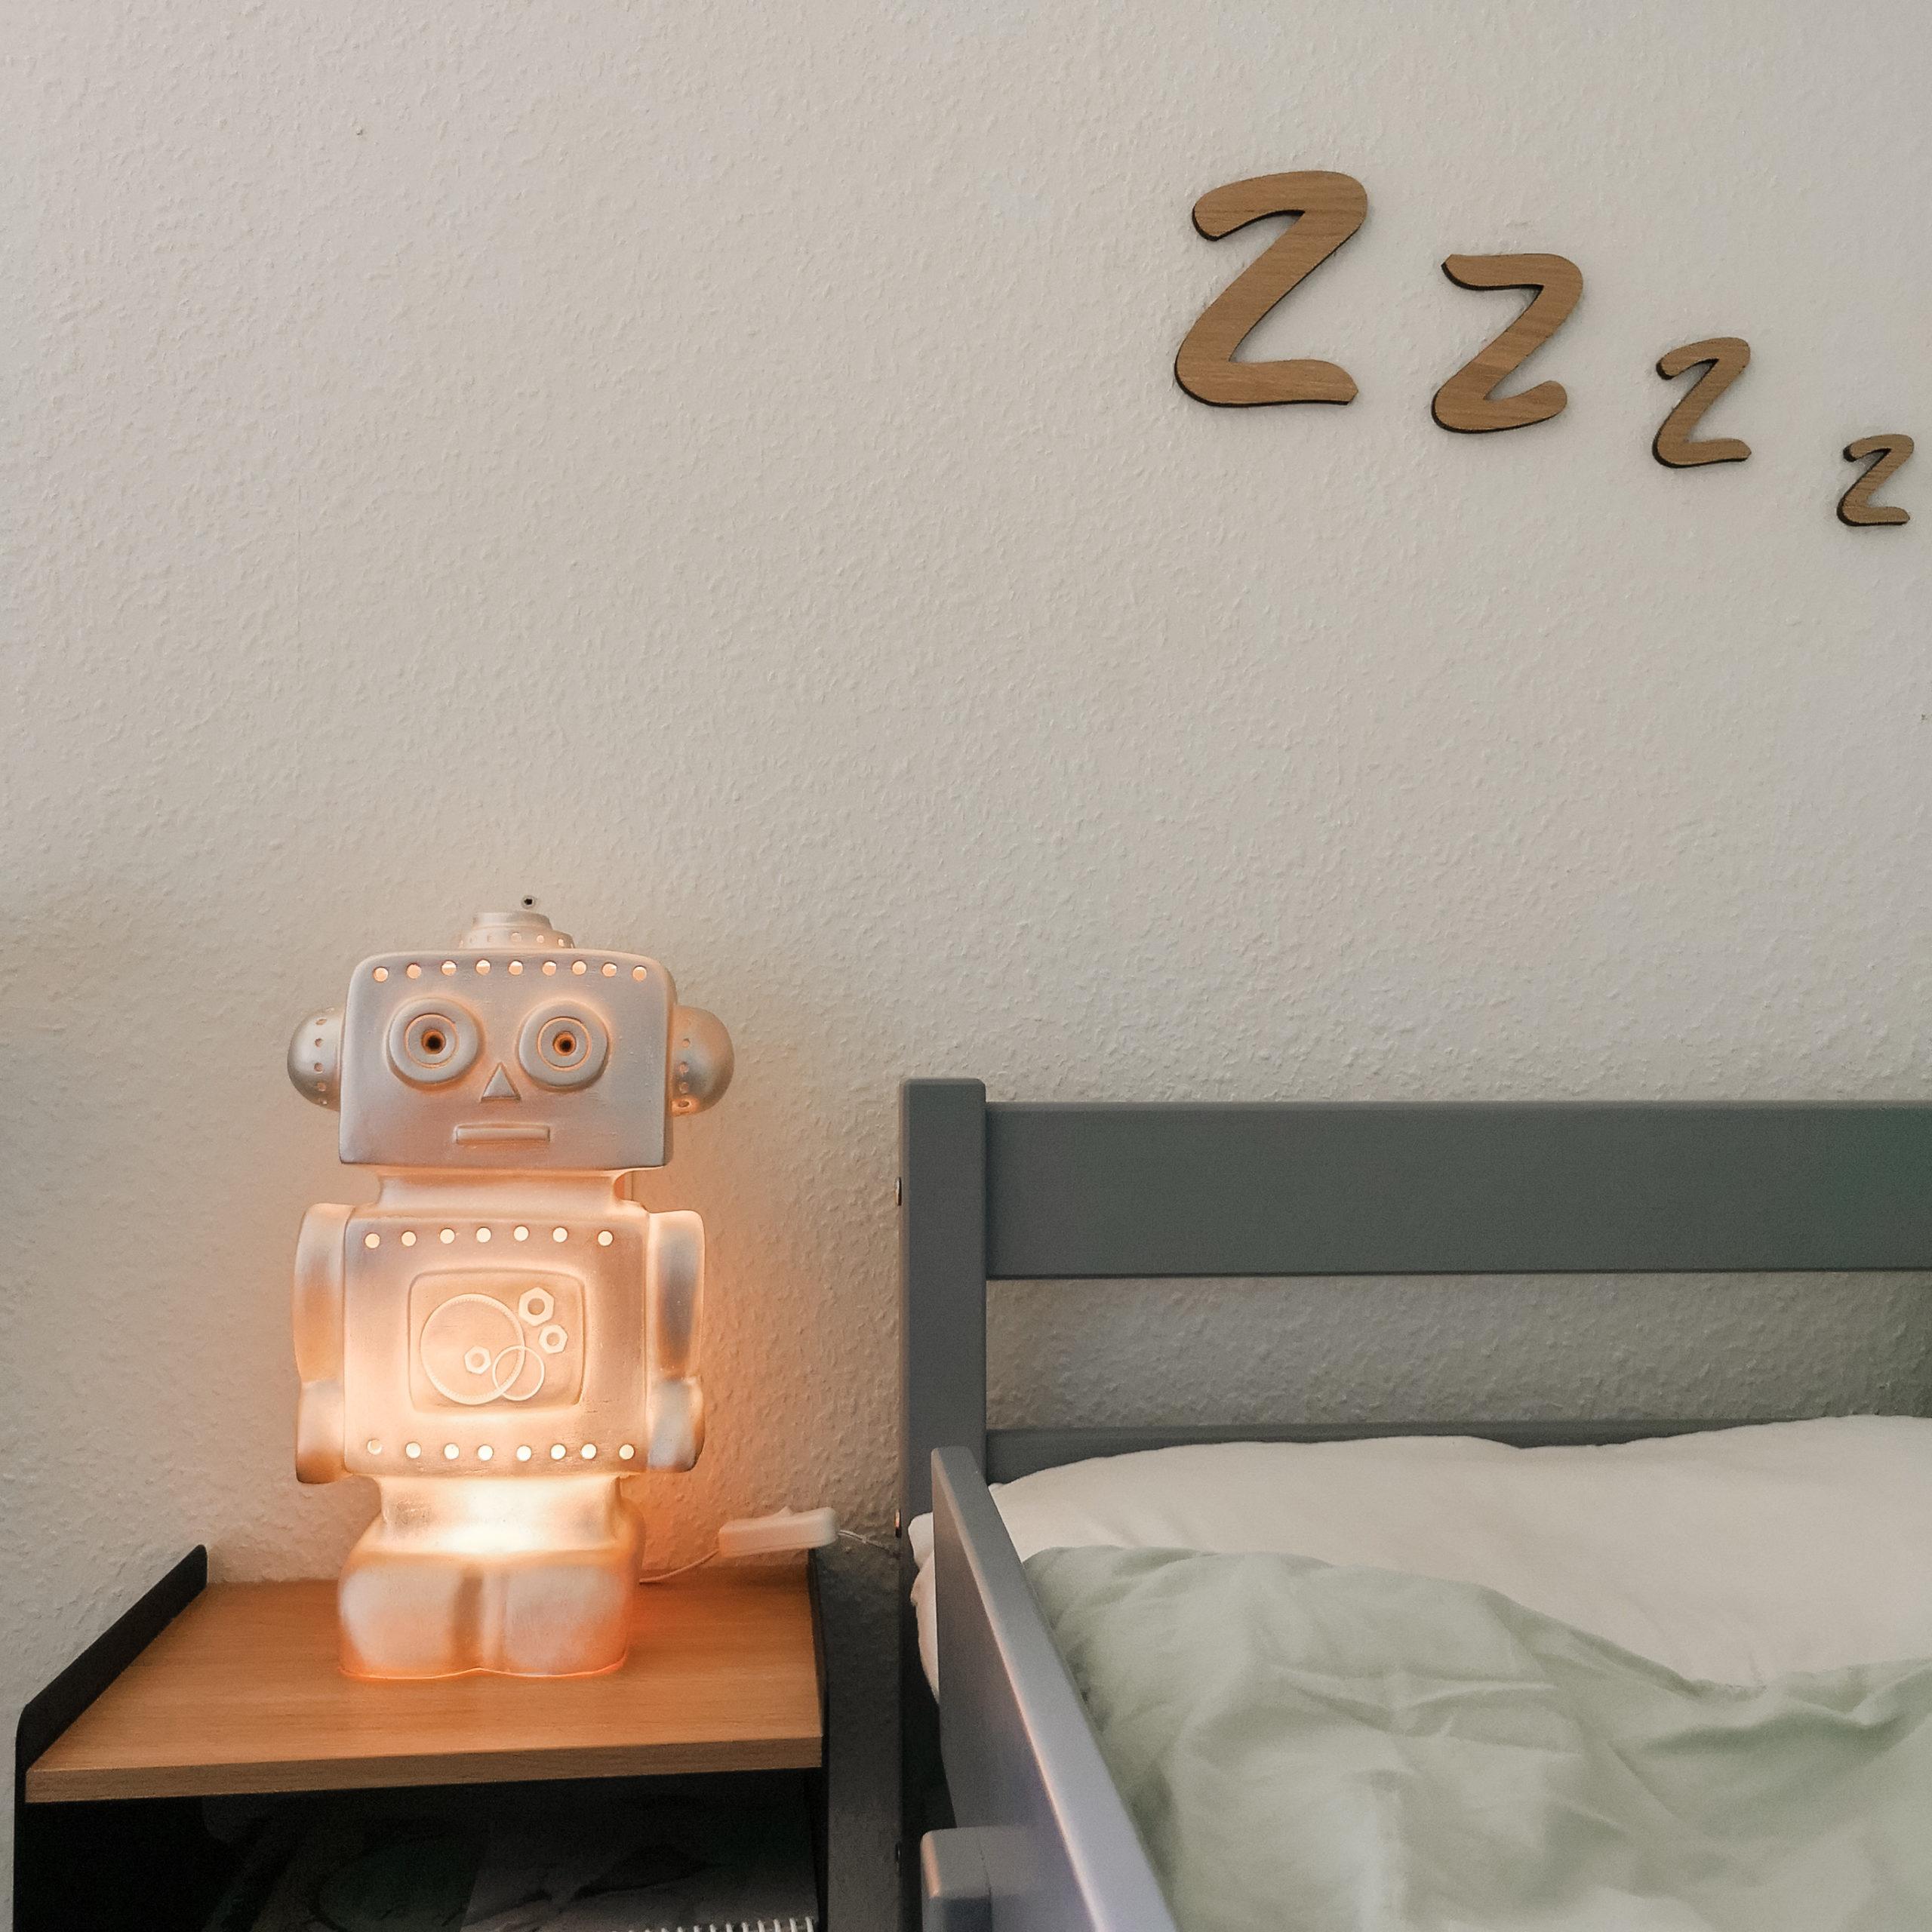 Robot lampen fra Heico tændt i dagslys.